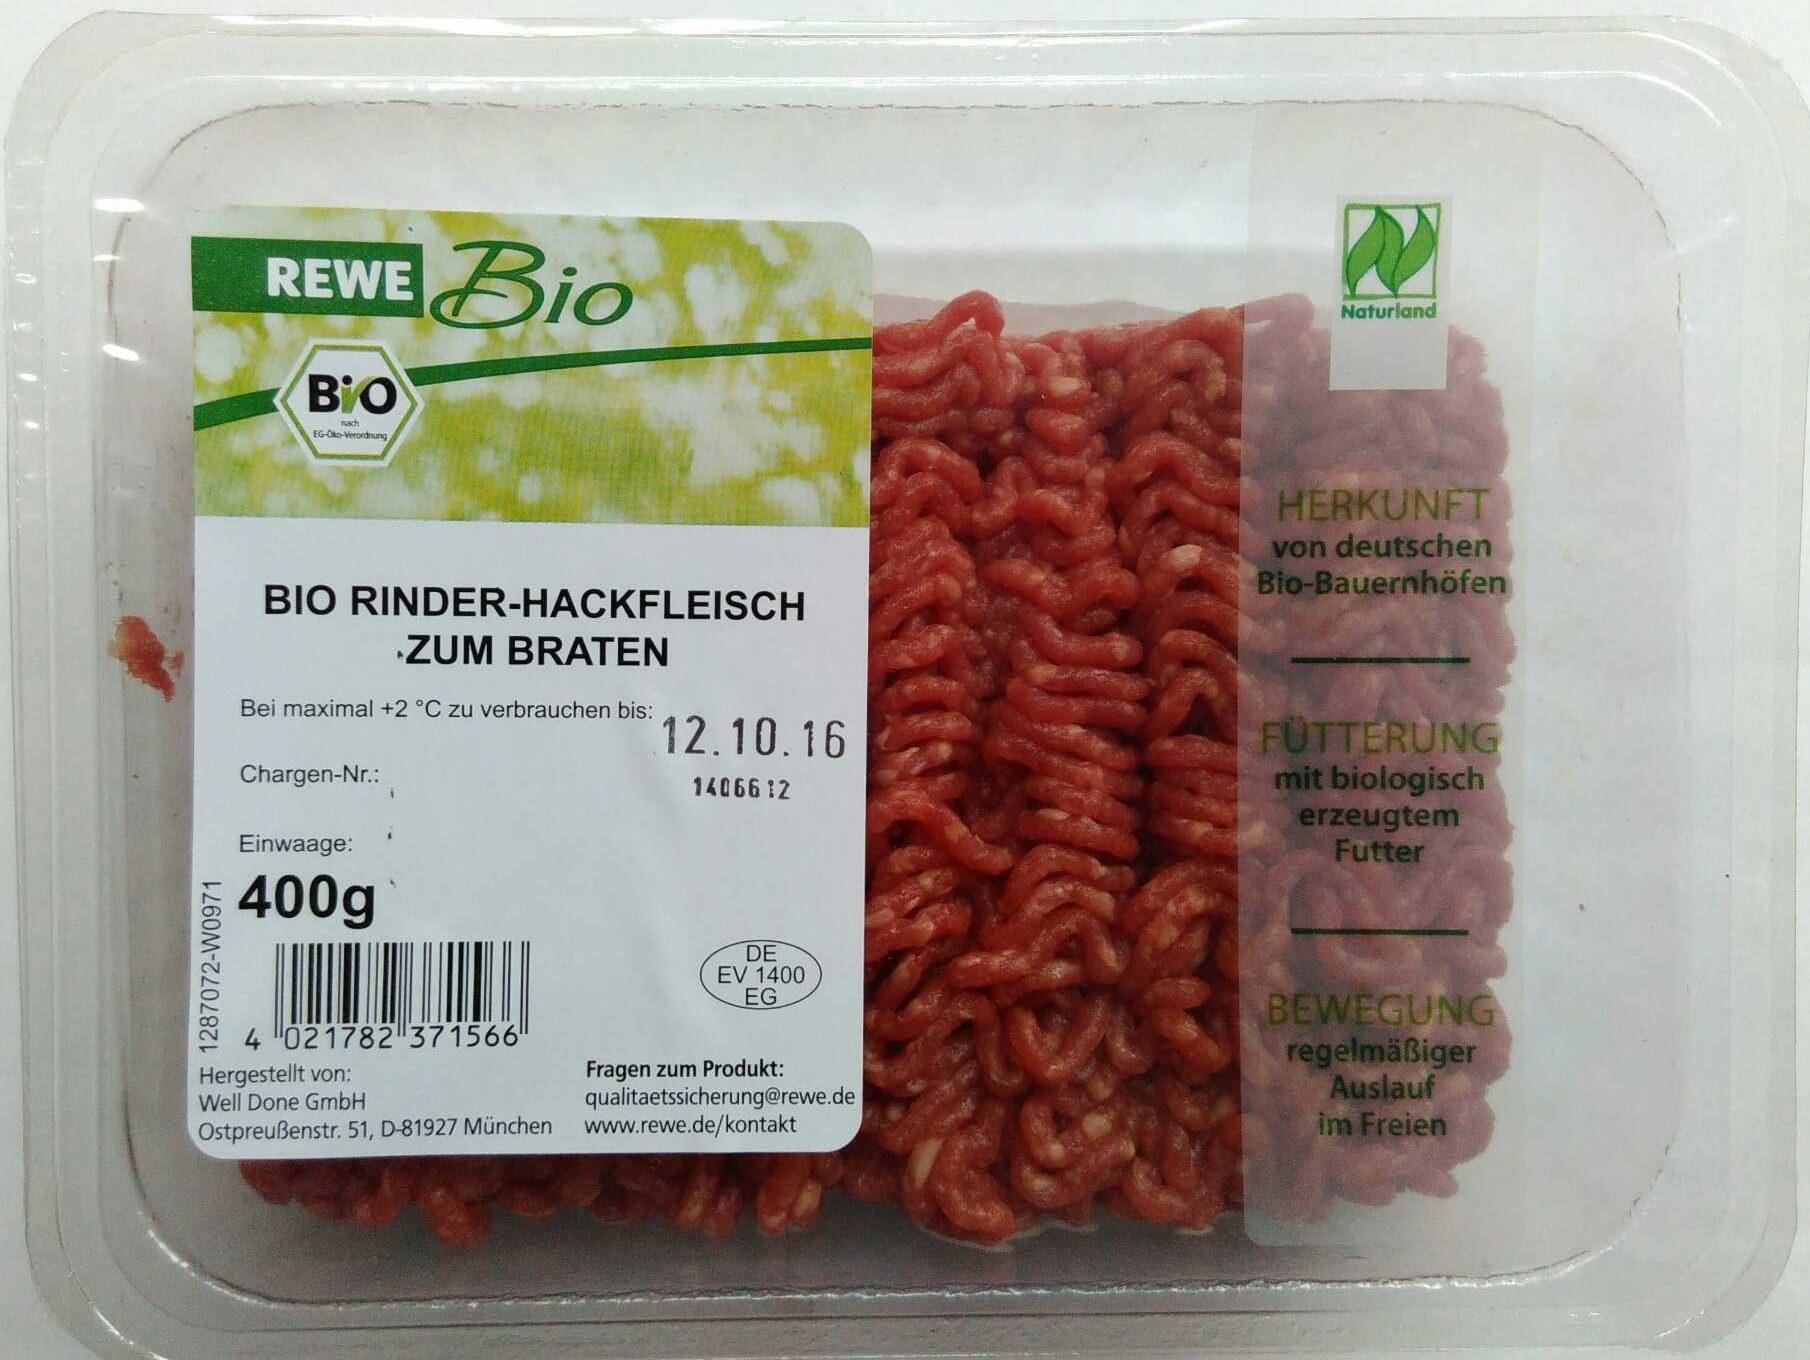 Bio Rinder-Hackfleisch zum Braten - Product - de